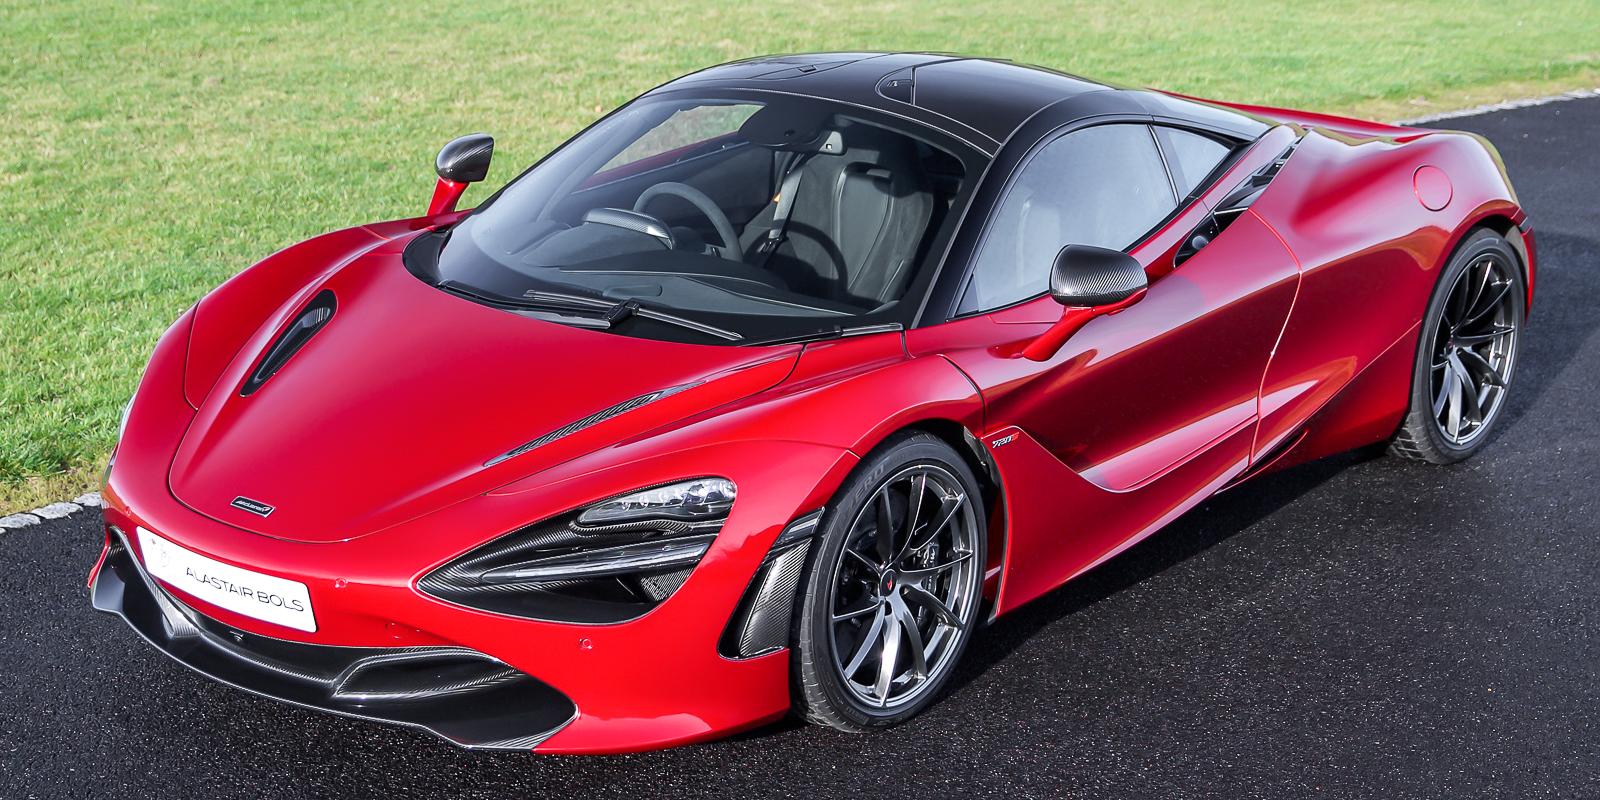 McLaren 720S Performance Memphis Red